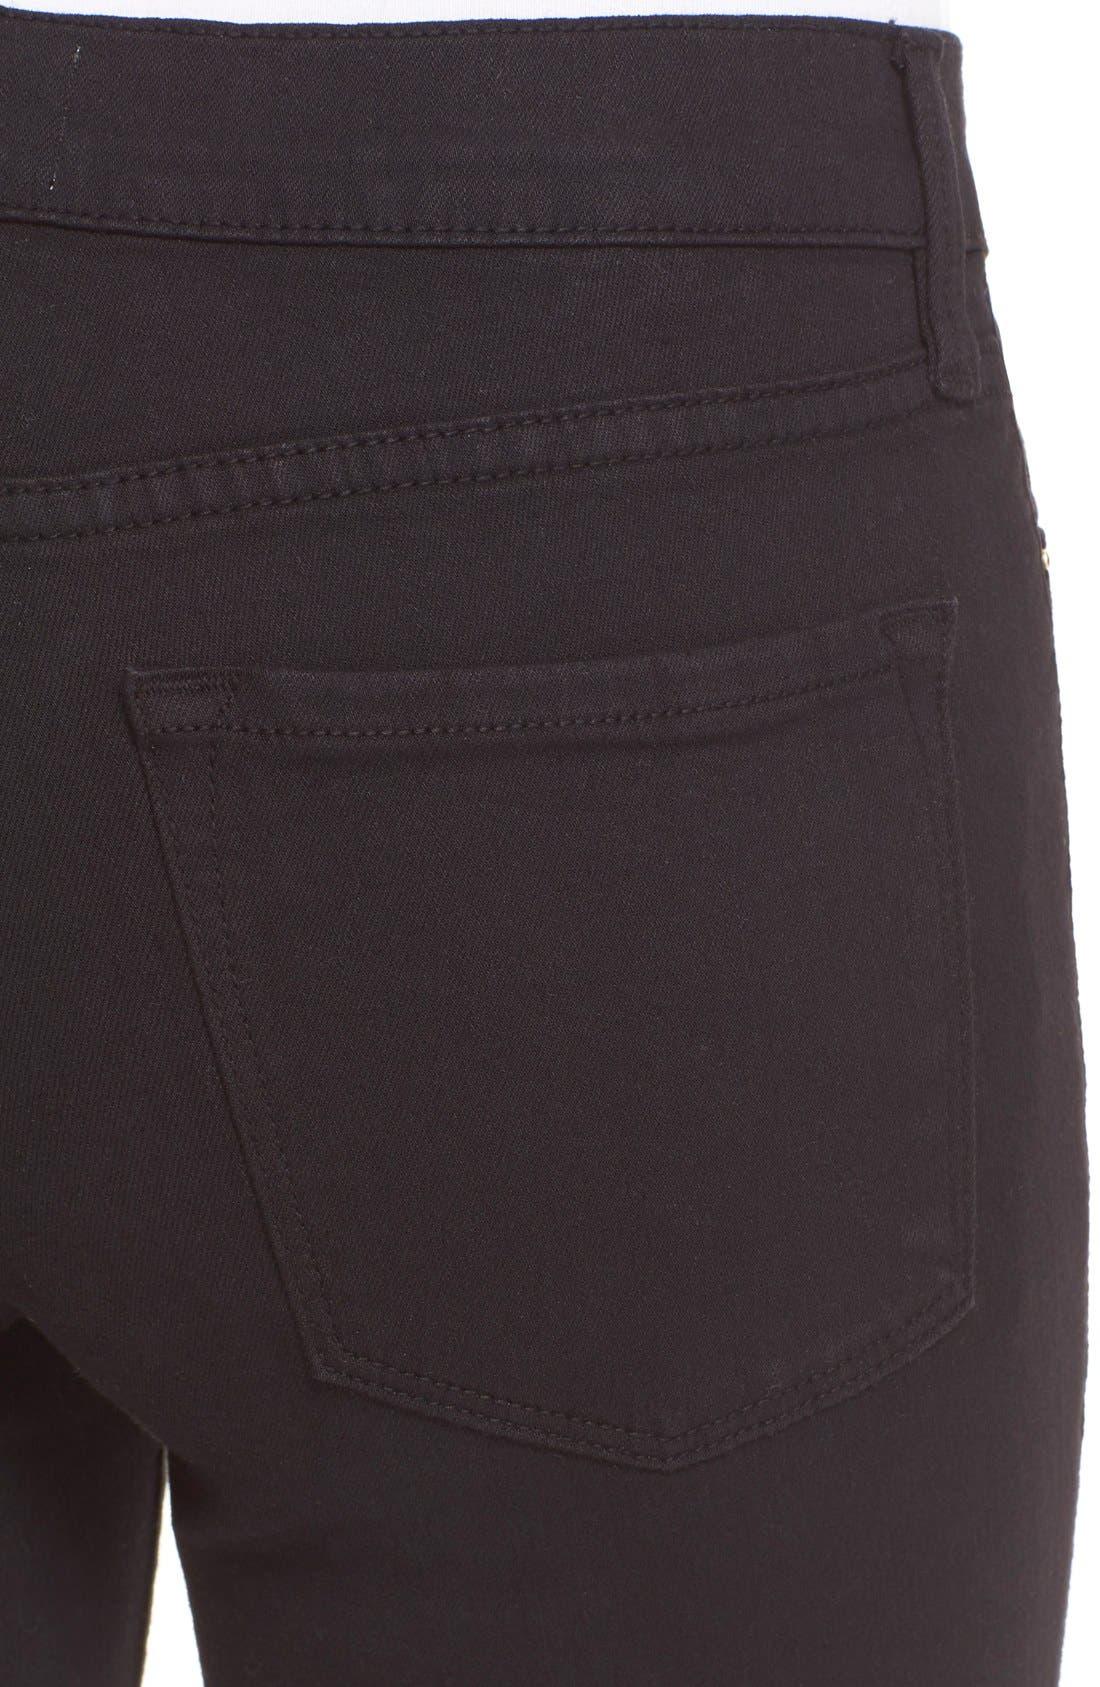 Forever Karlie Skinny Jeans,                             Alternate thumbnail 4, color,